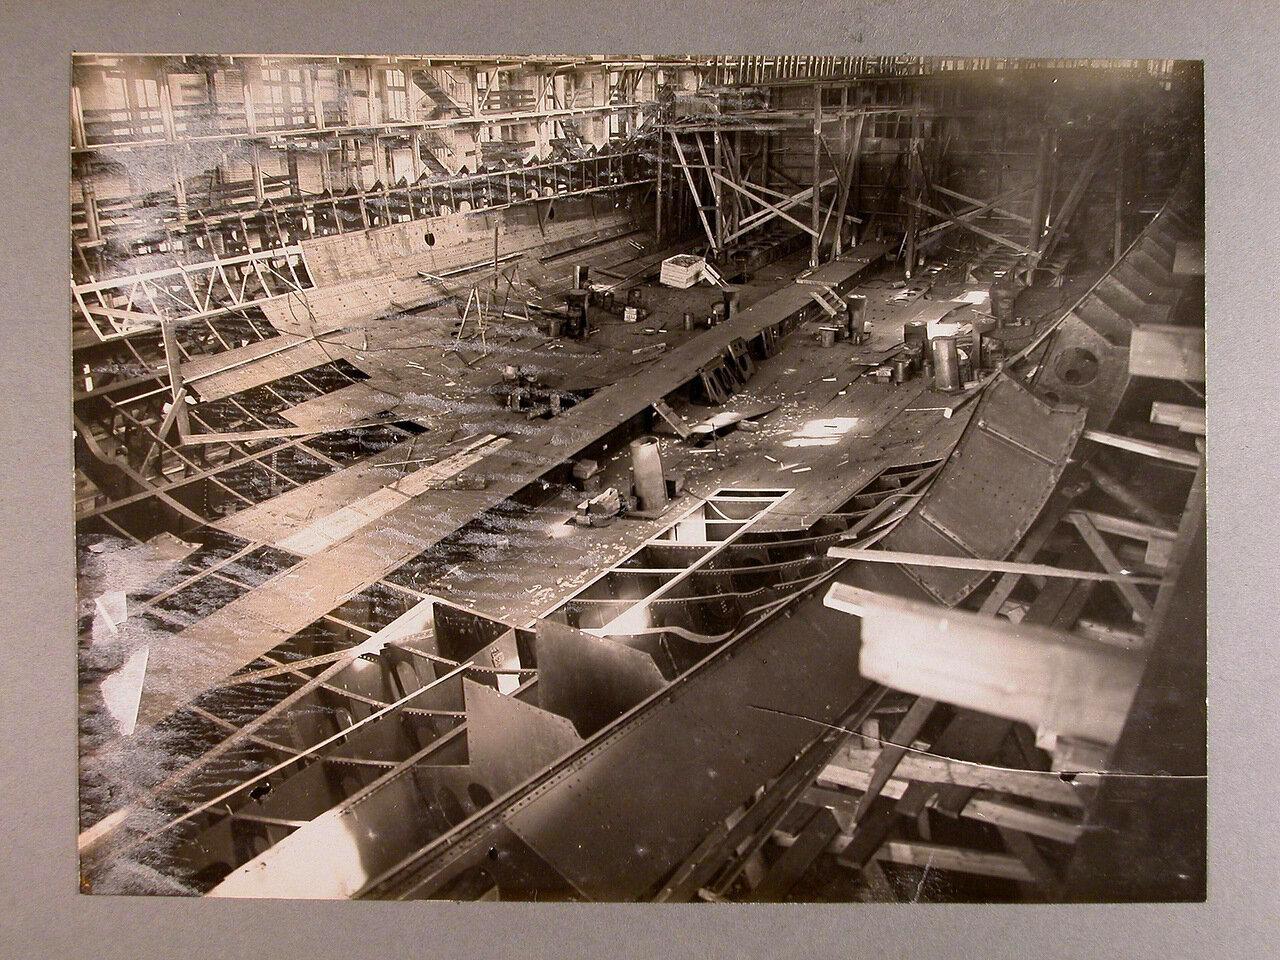 16. Вид участка работ по настилу внутреннего дна строящегося линейного корабля «Полтава»; на переднем плане - водонепроницаемые шпангоуты, далее - поперечная переборка. 27 июля 1910 г.